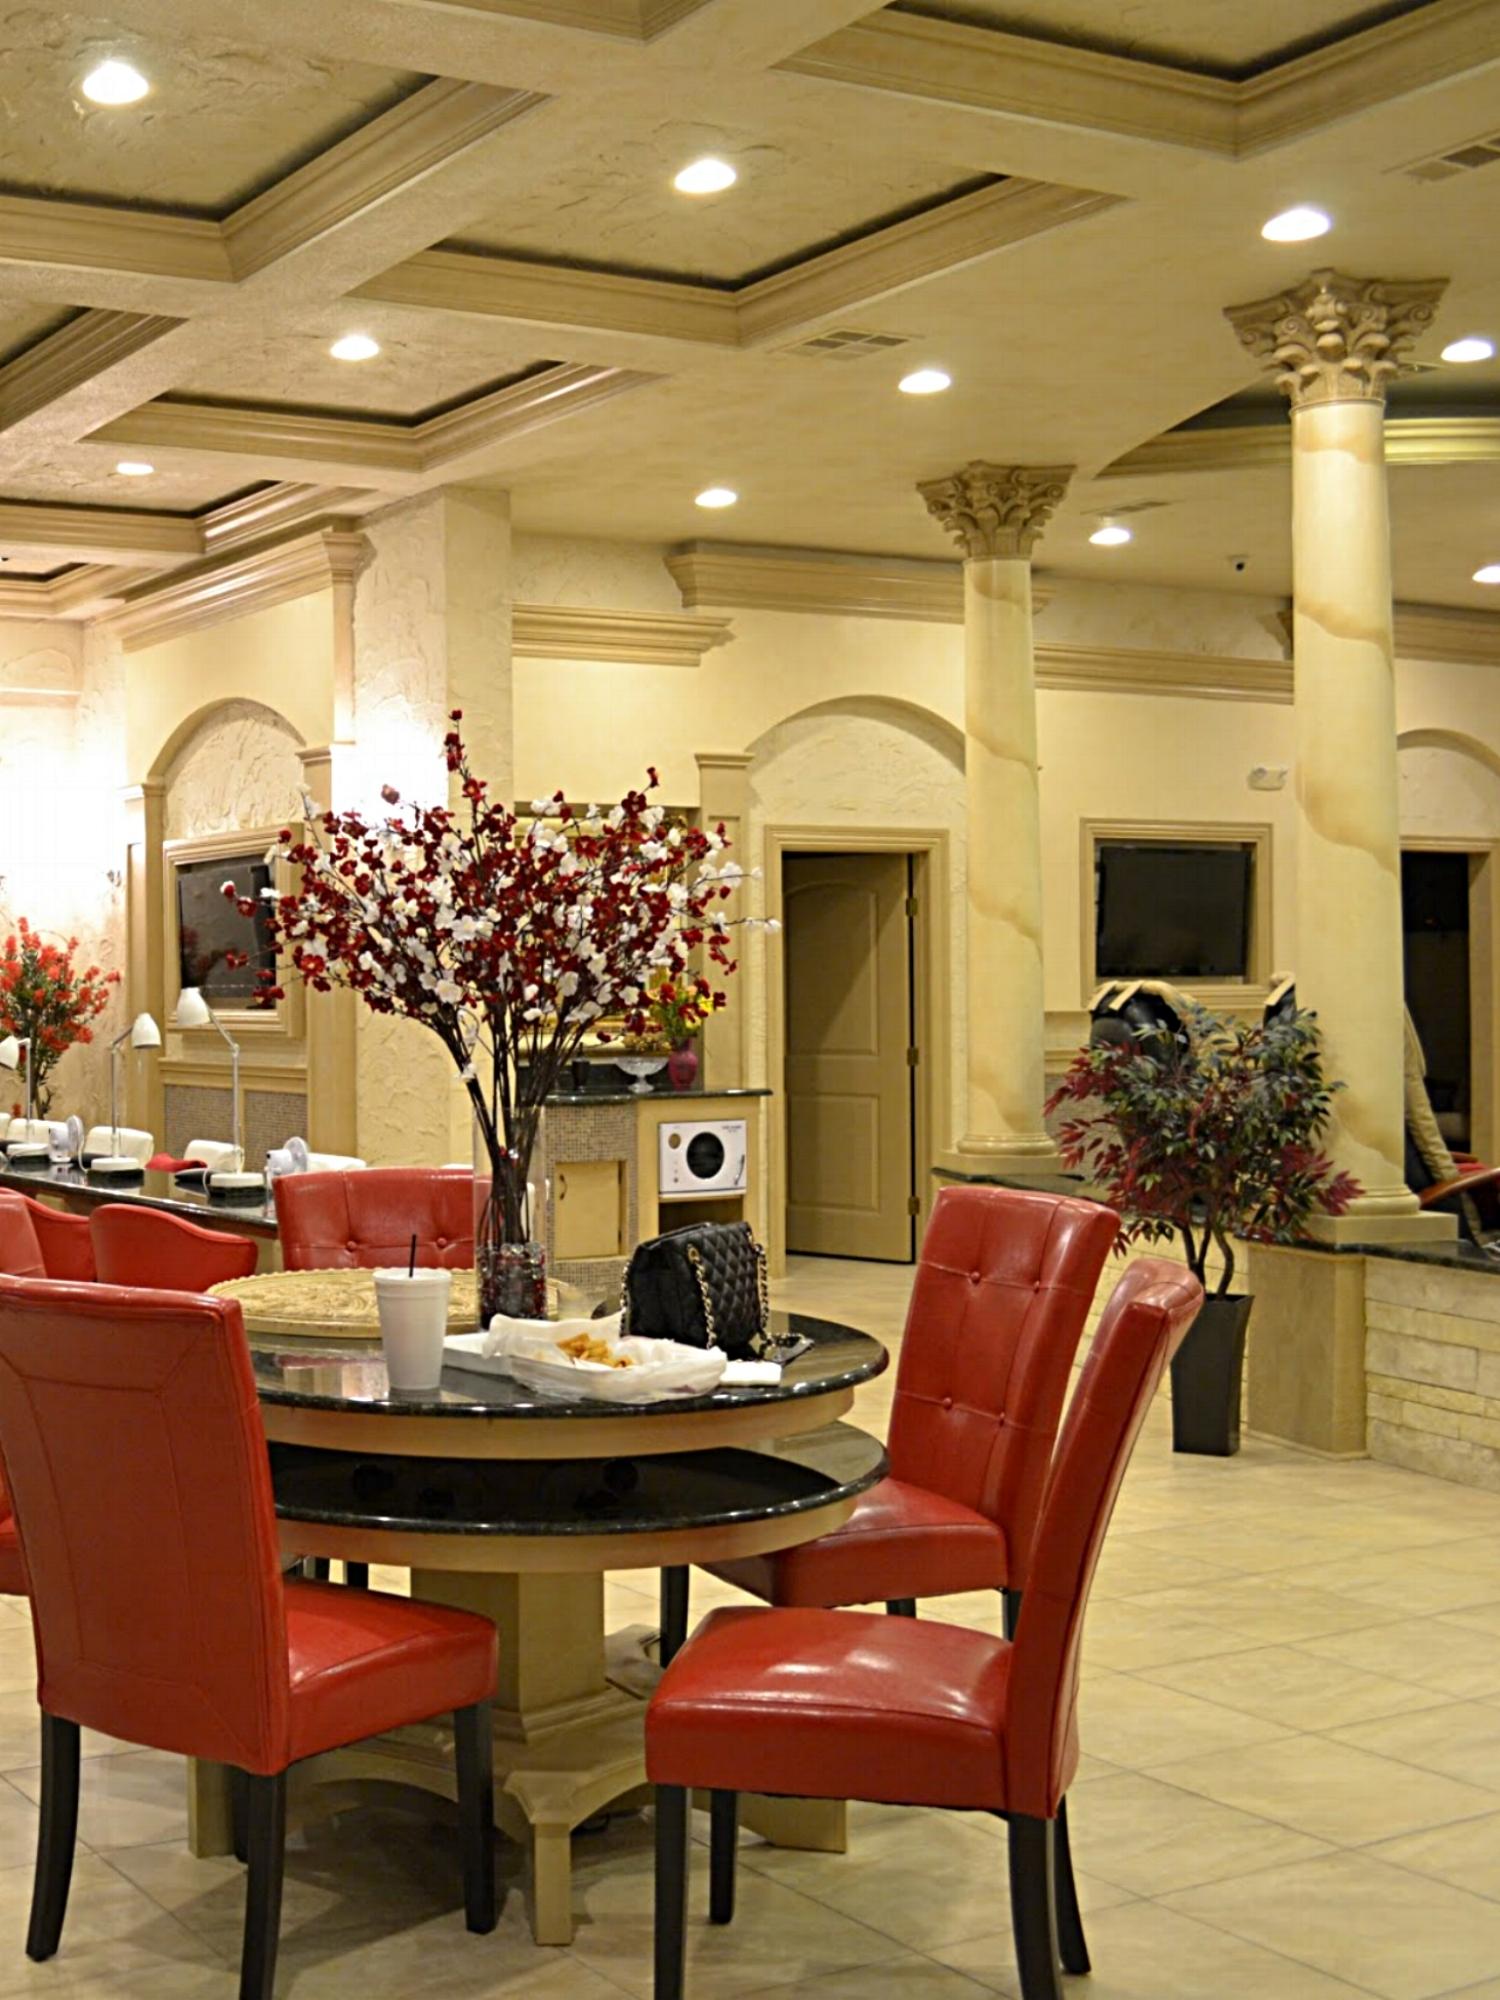 Manicure and Massage Area, Bella Salon, Dallas, Texas